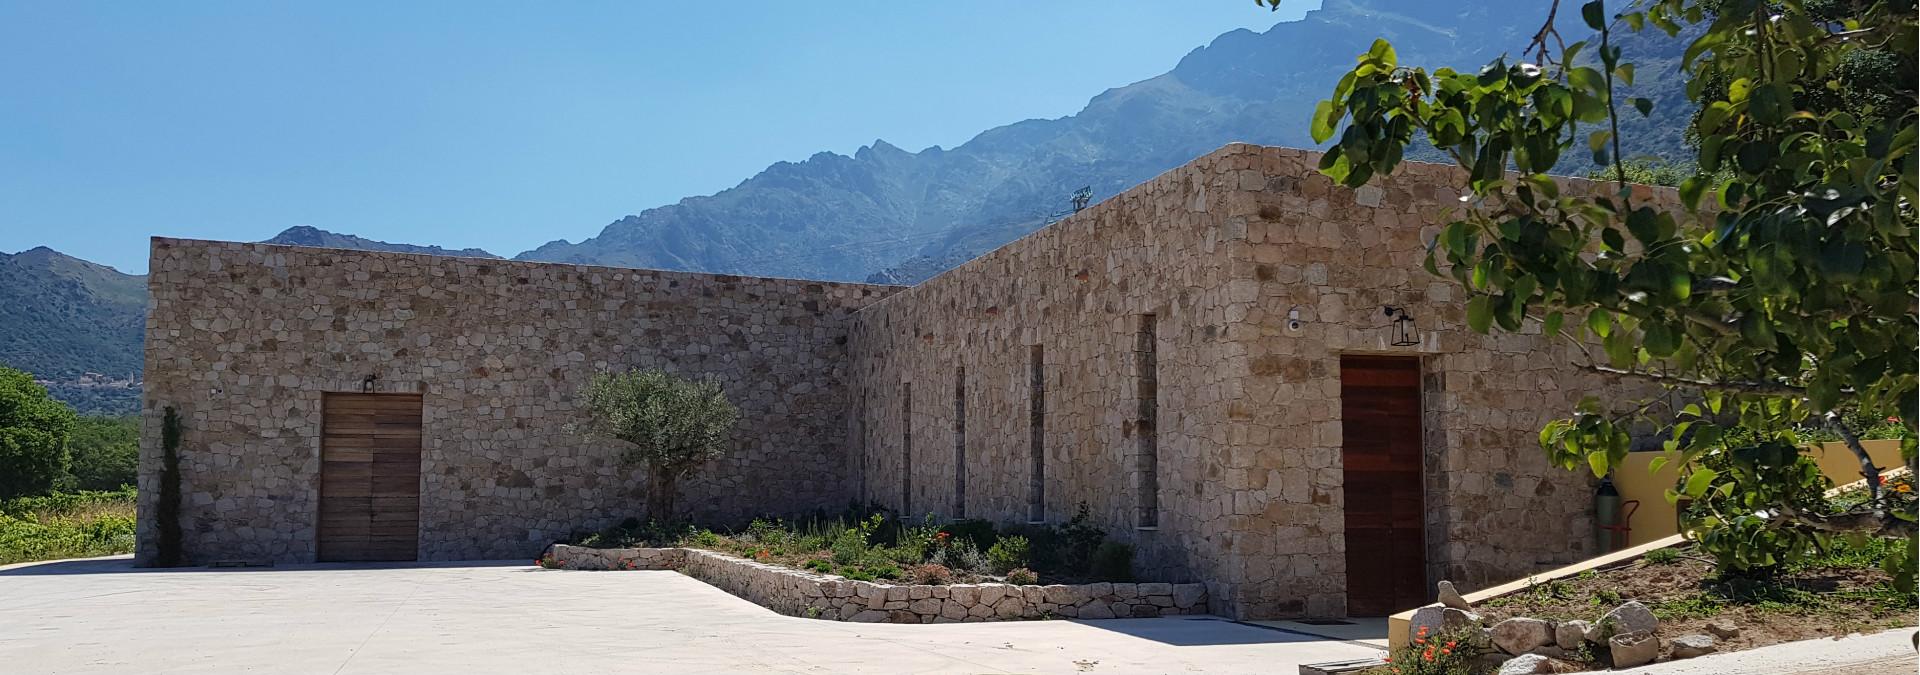 Domaine d'Alzipratu